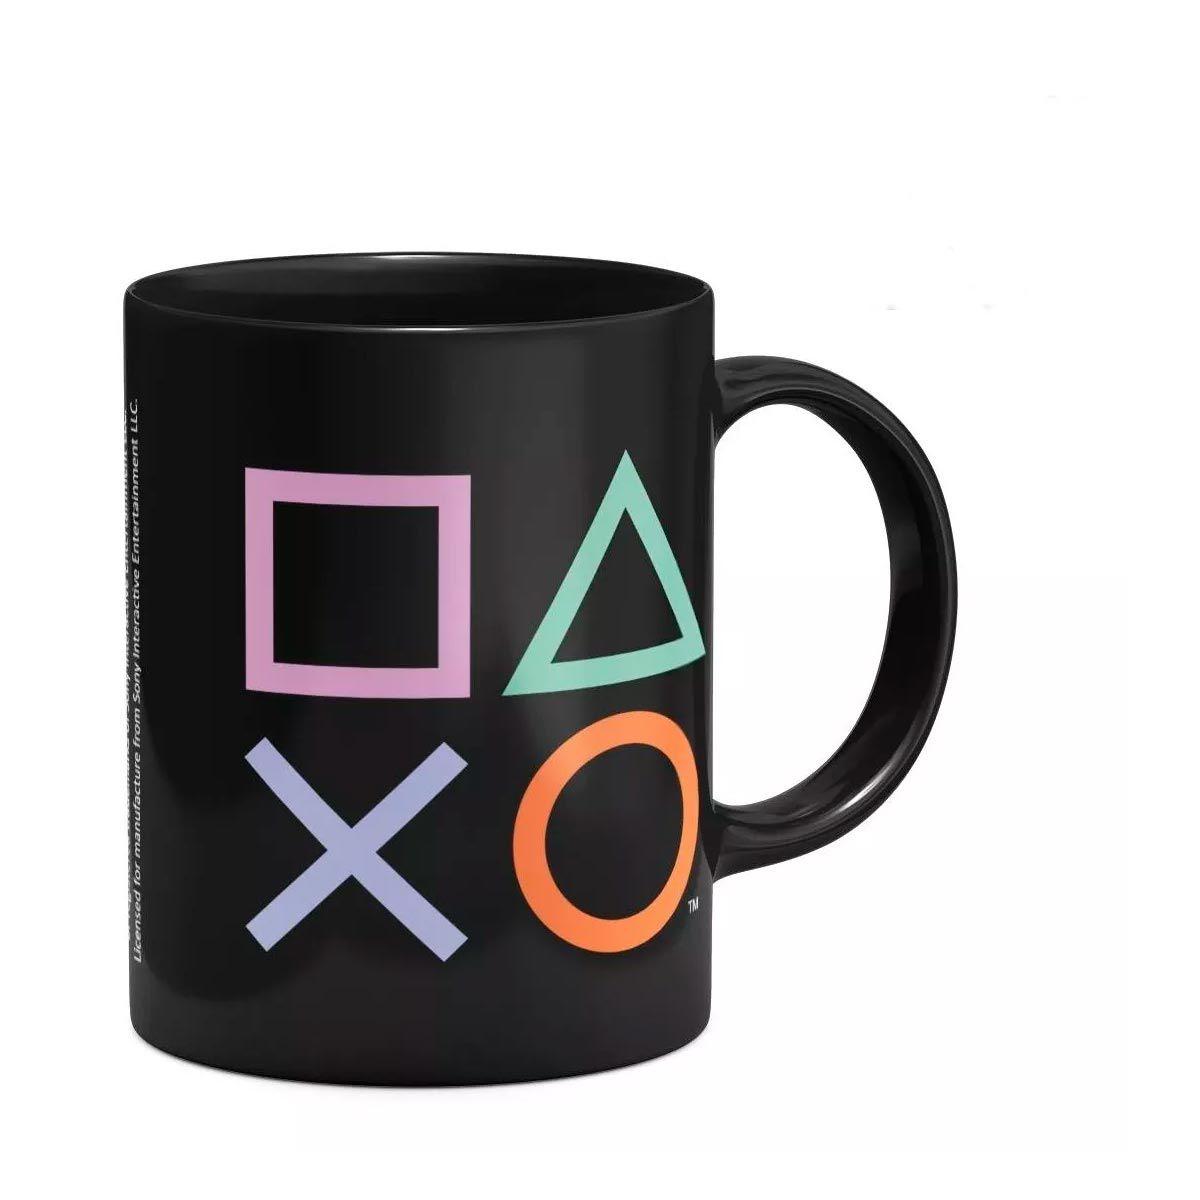 Caneca Plástica Playstation 400 ml